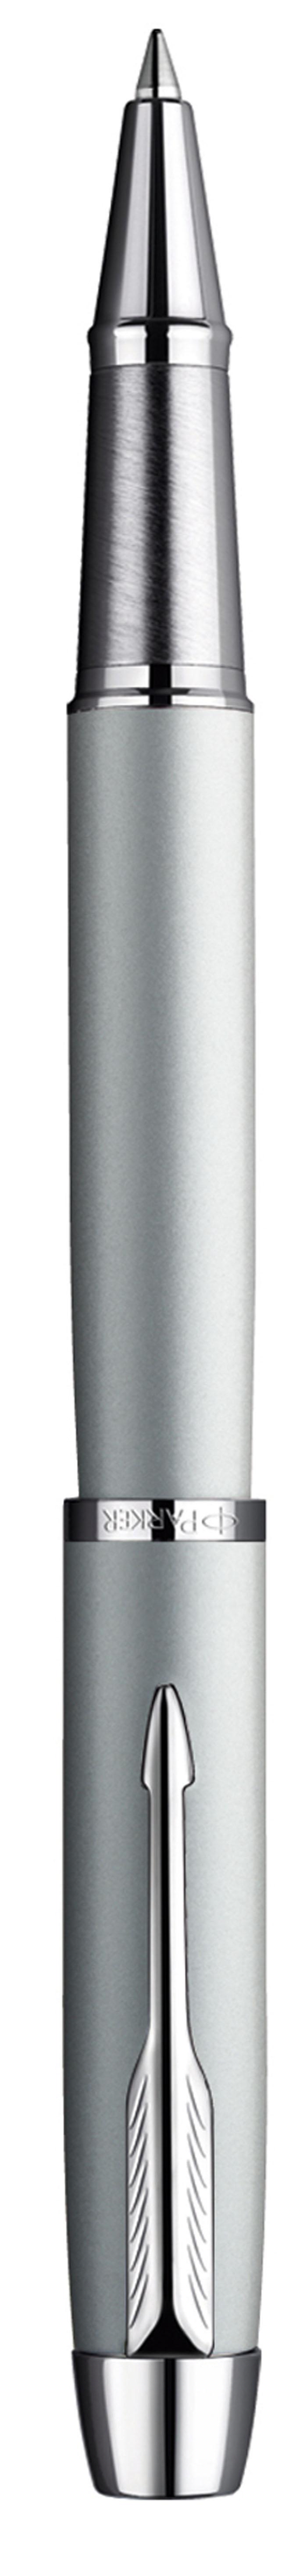 Parker Ручка-роллер IM Silver CT730396Эта ручка очаровывает сочетанием мягкими пастельными тонами и ледяным мерцанием стали. Этот изысканный аксессуар выгодно подчеркнет индивидуальность и безукоризненный вкус своего владельца.Толщина пишущего узла: Тонкий (F)Цвет стержня: Черный (другие продаются отдельно)Корпус: Латунный с лаковым покрытиемОтделка: Полированный металл / Хромированные детали отделкиЦвет: Серебристый